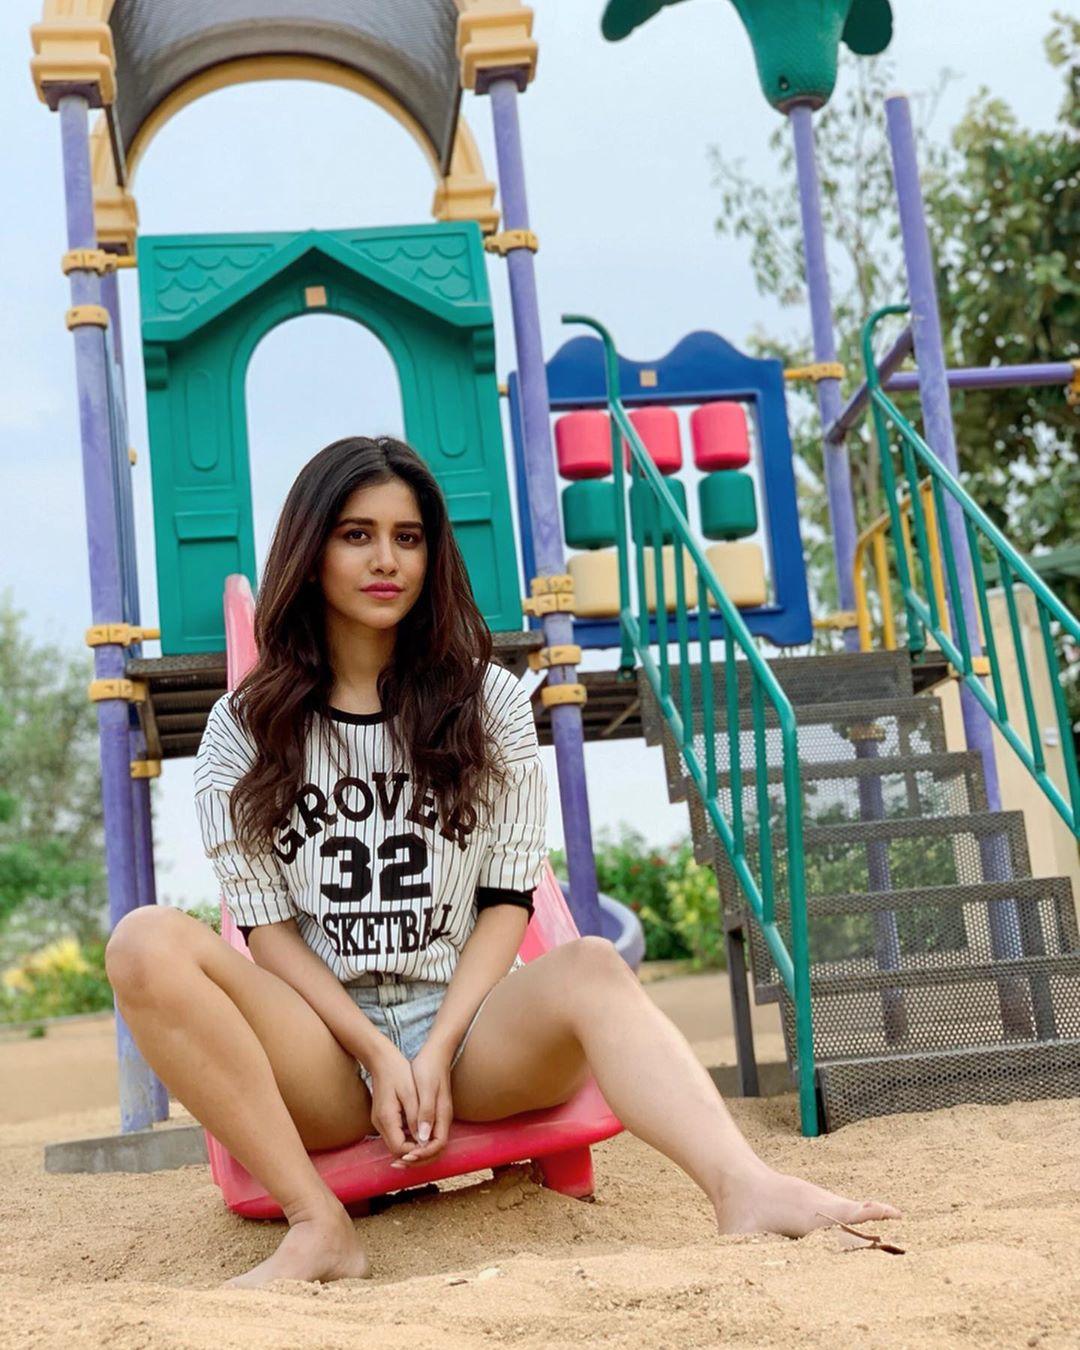 ఇస్మార్ట్ శంకర్ హీరోయిన్ నభా నటేష్ హాట్ ఫోటోస్ Photo:Instagram.com/nabhanatesh